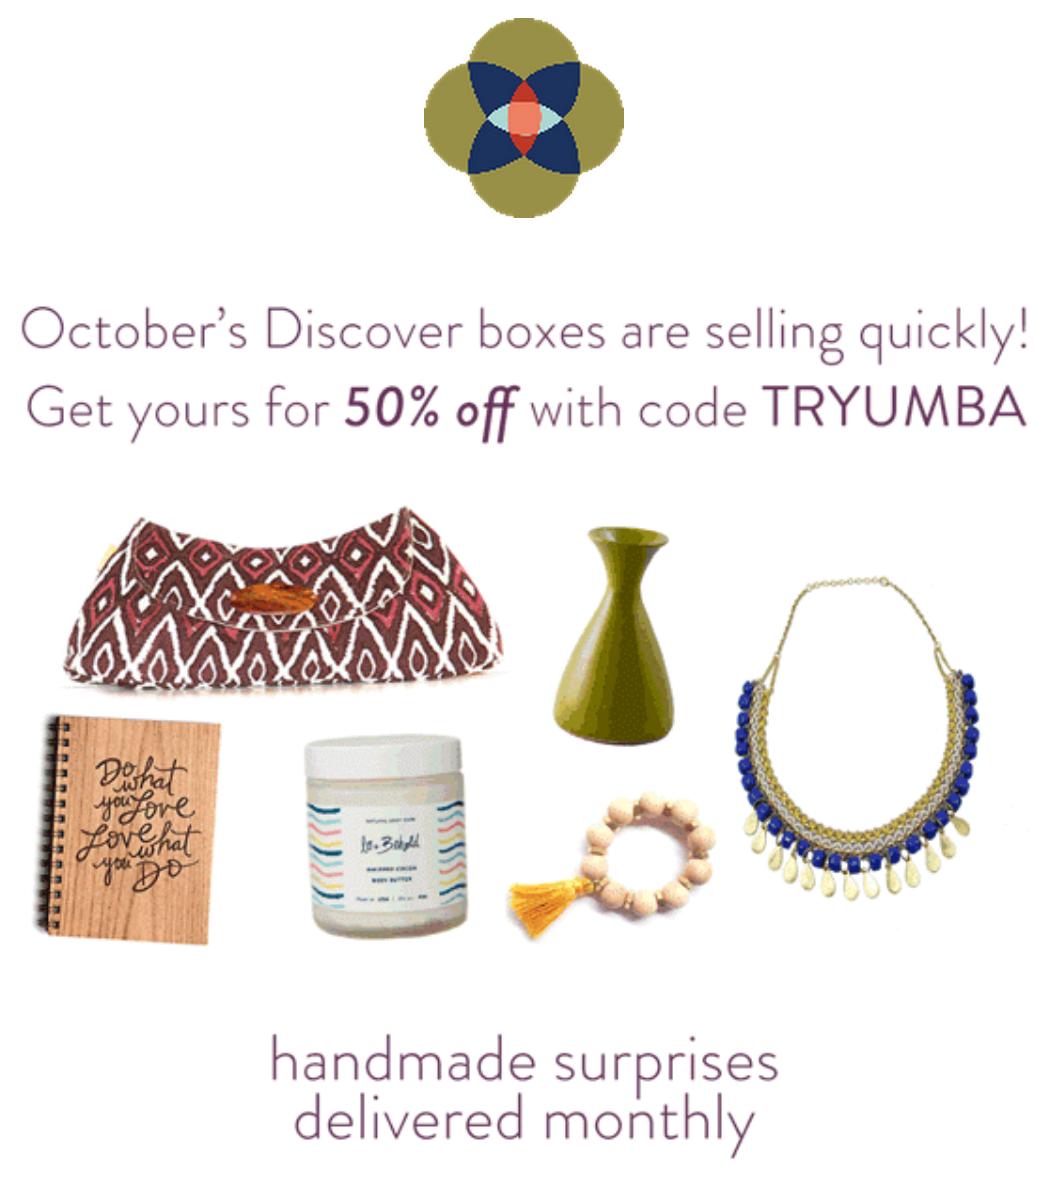 Umba Box Coupon Code – 50% Off October Box